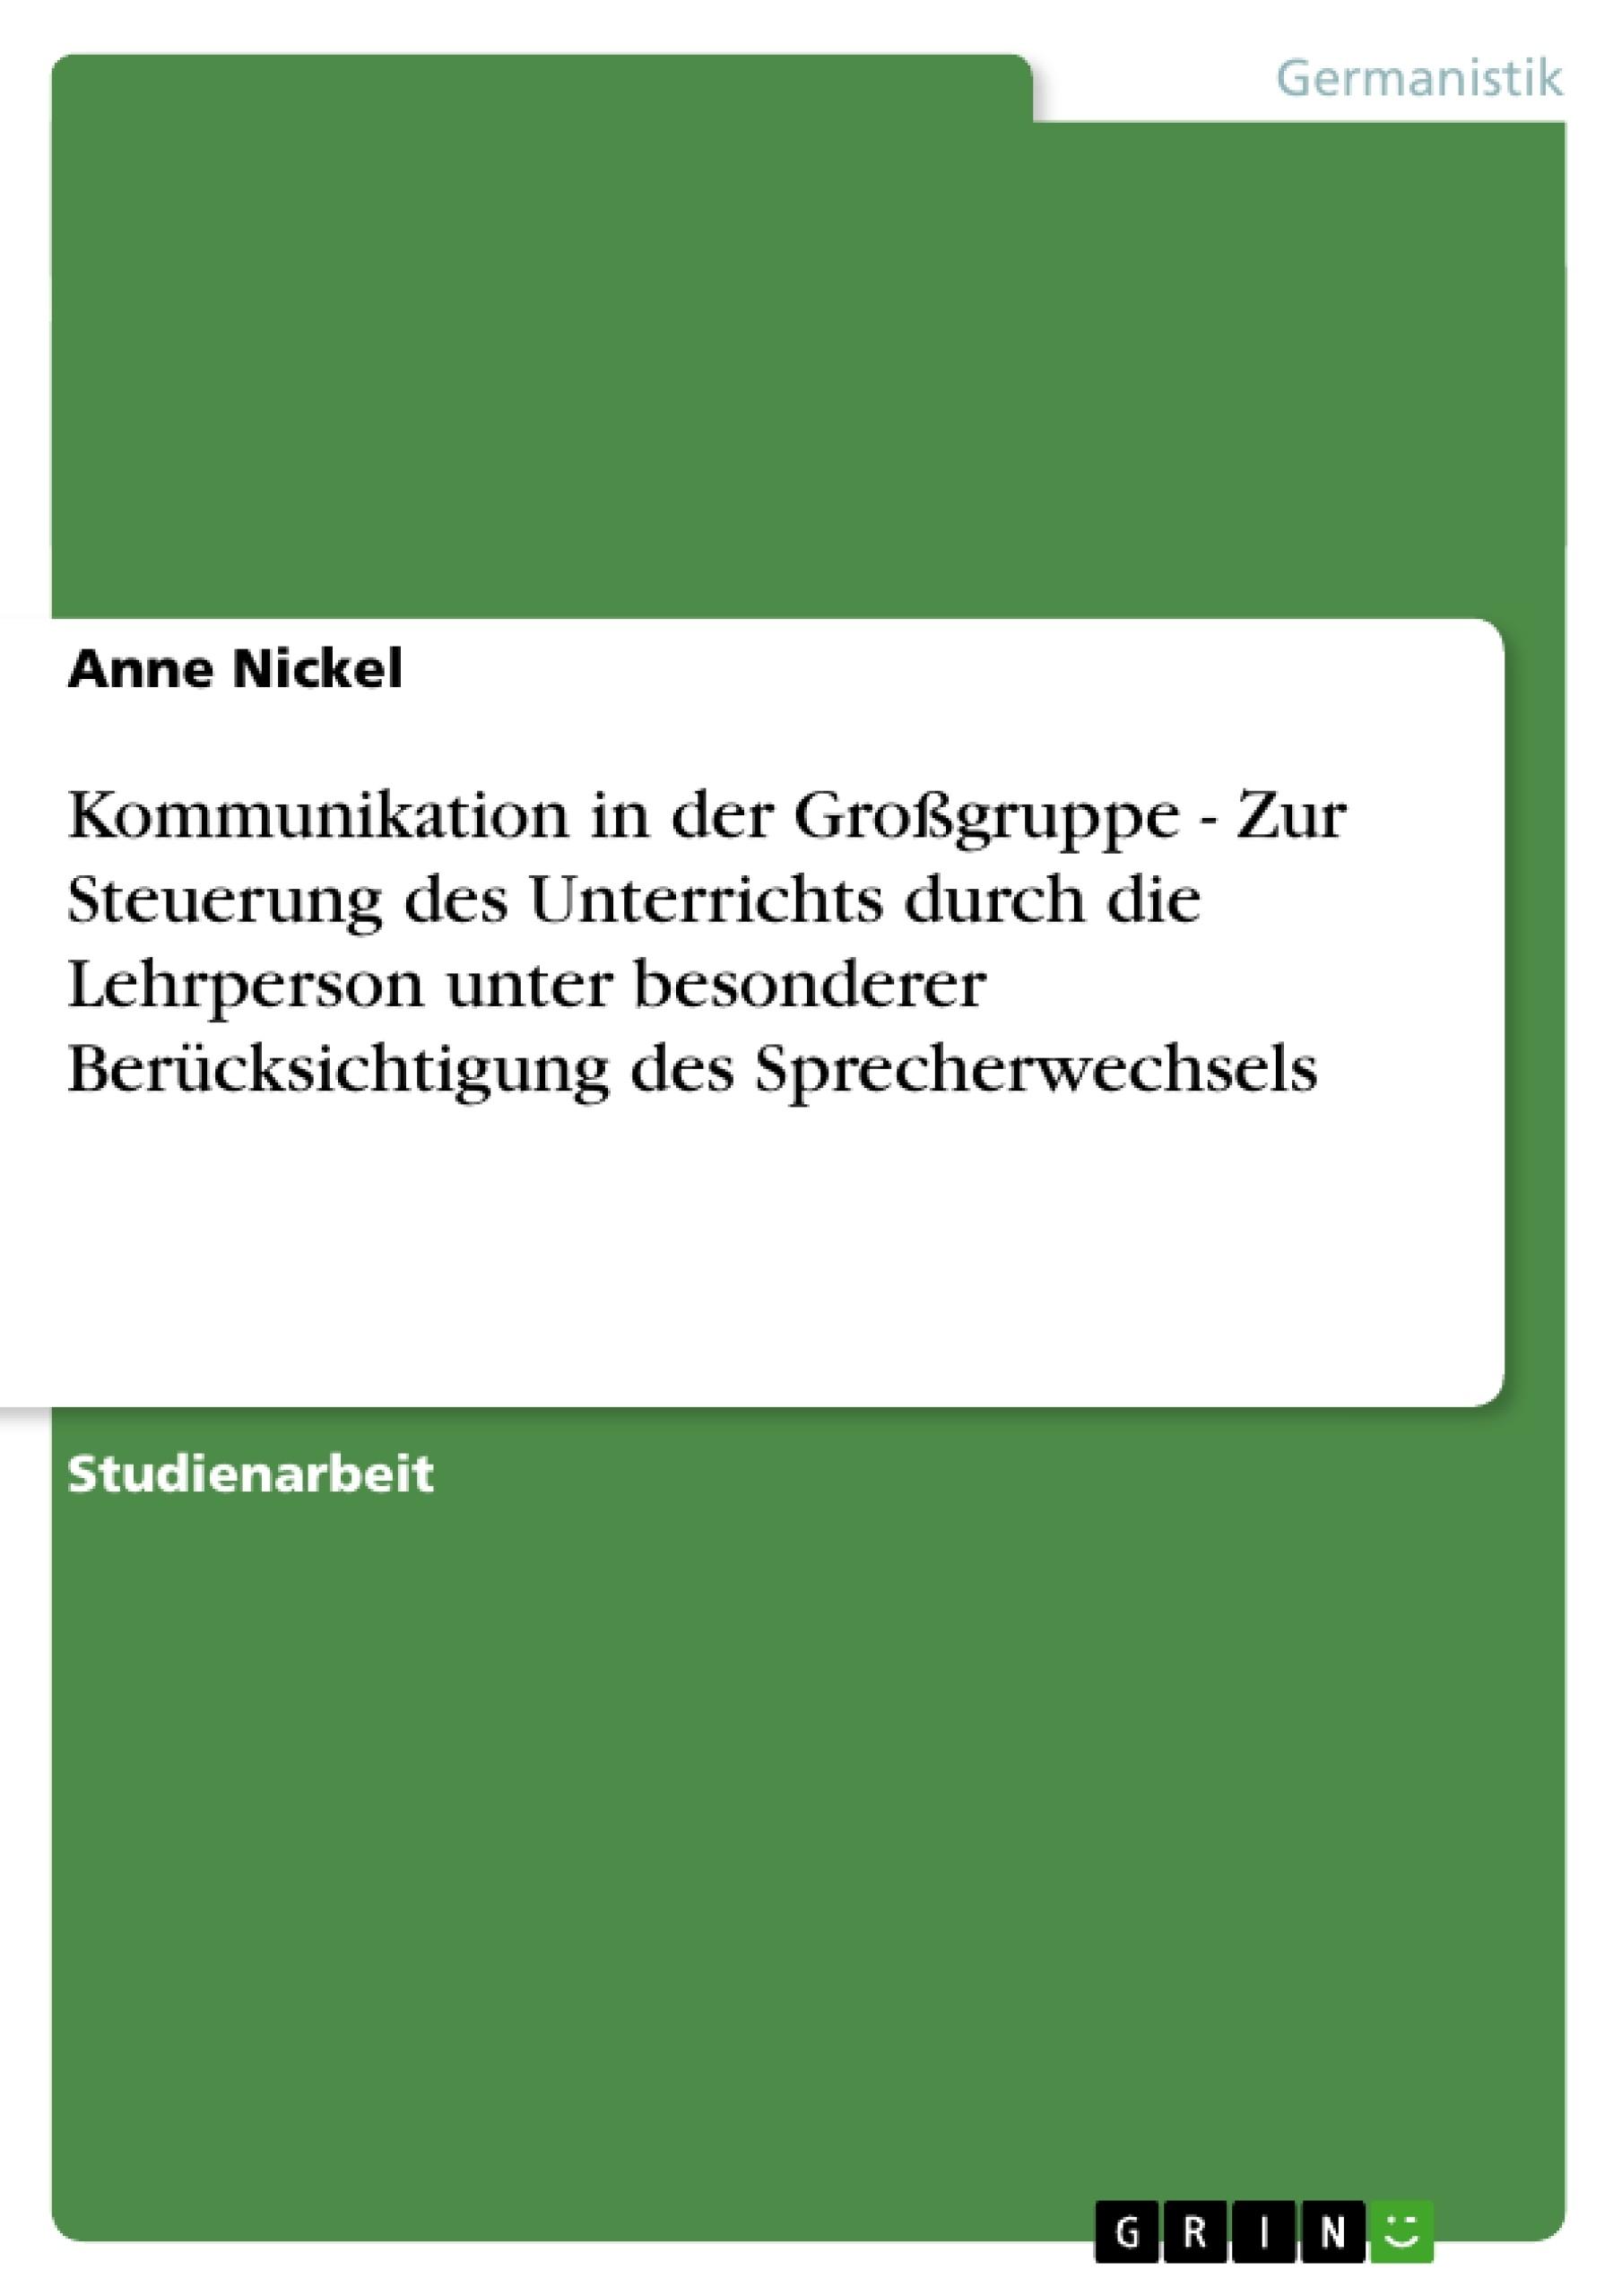 Titel: Kommunikation in der Großgruppe - Zur Steuerung des Unterrichts durch die Lehrperson unter besonderer Berücksichtigung des Sprecherwechsels